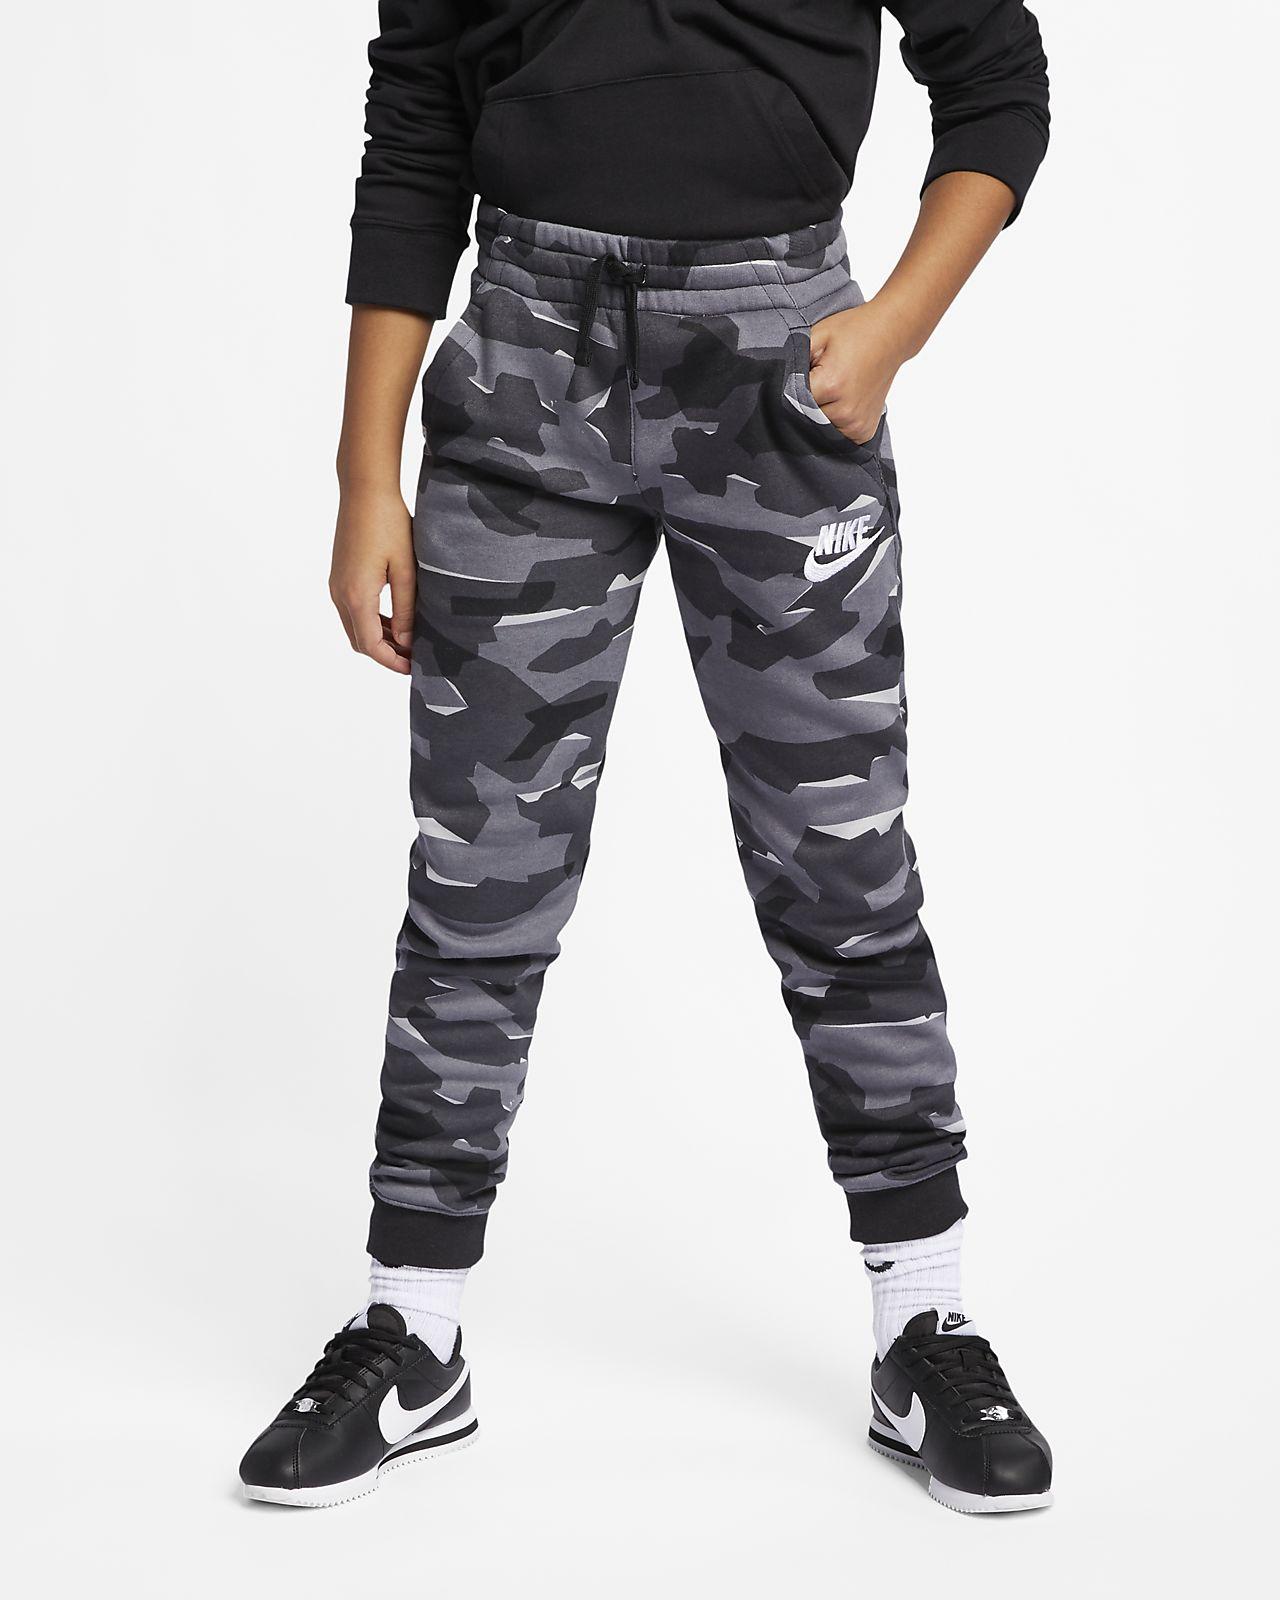 Joggingbroek 128.Nike Sportswear Joggingbroek Met Camouflageprint Voor Jongens Nike